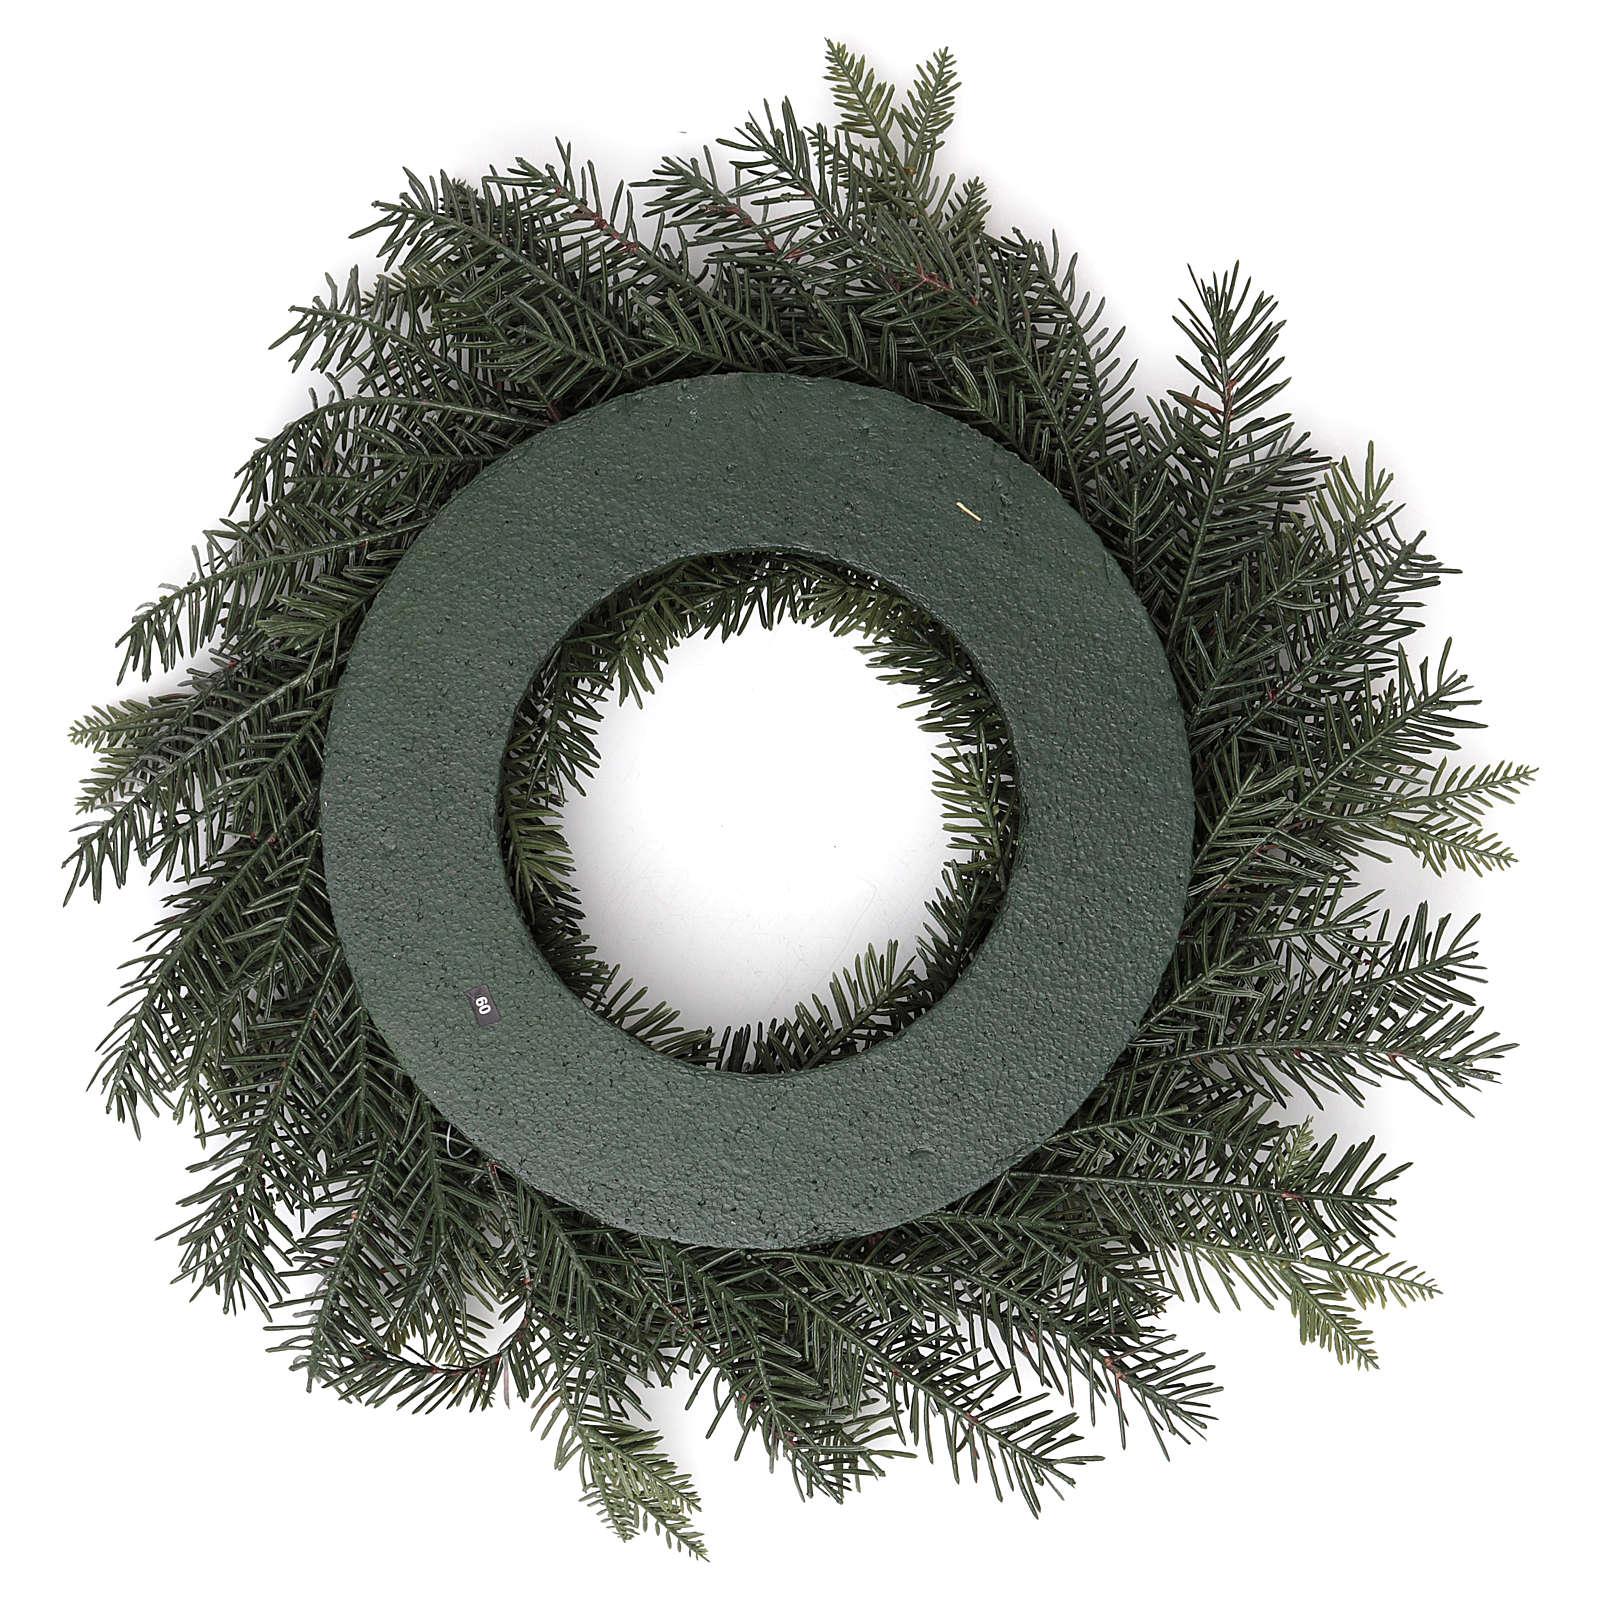 Grinalda do Advento simples diâm. 50 cm 3